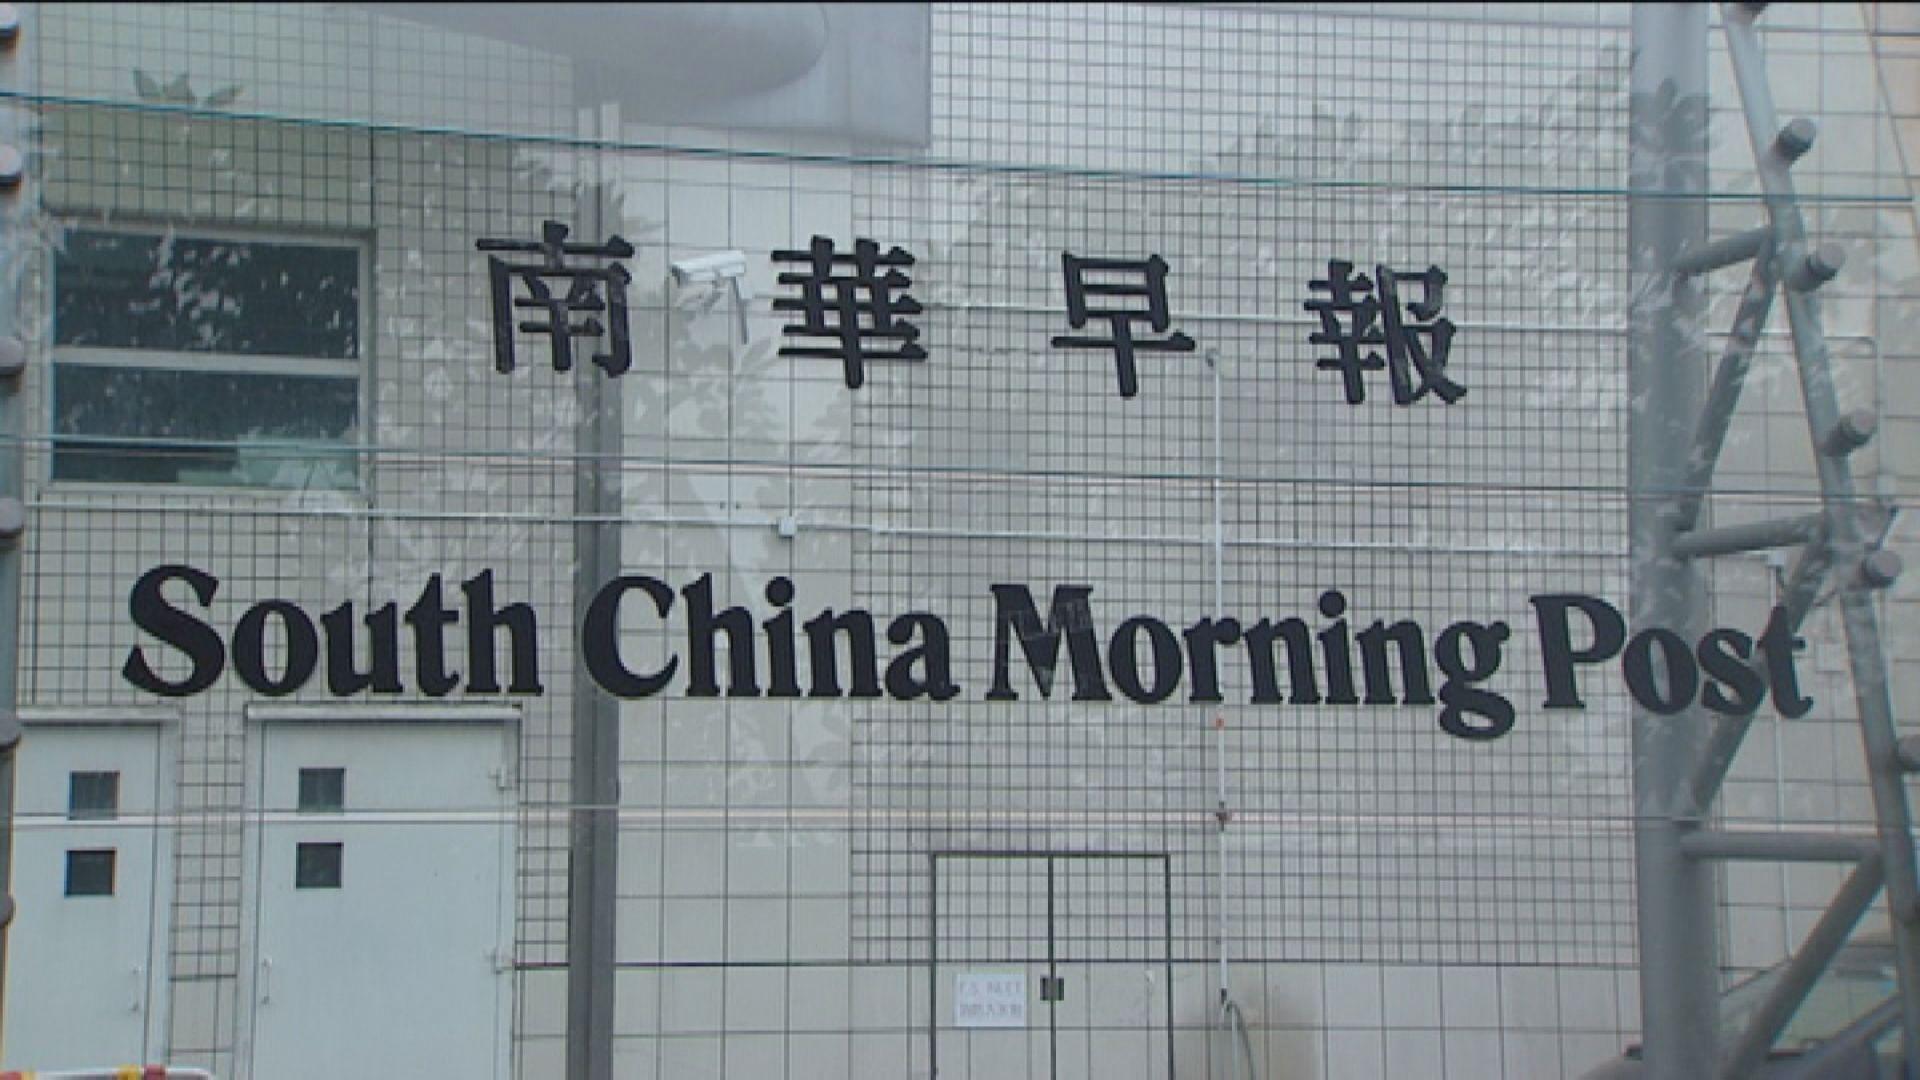 《南華早報》一員工初步確診 兩辦公室會關閉及清潔